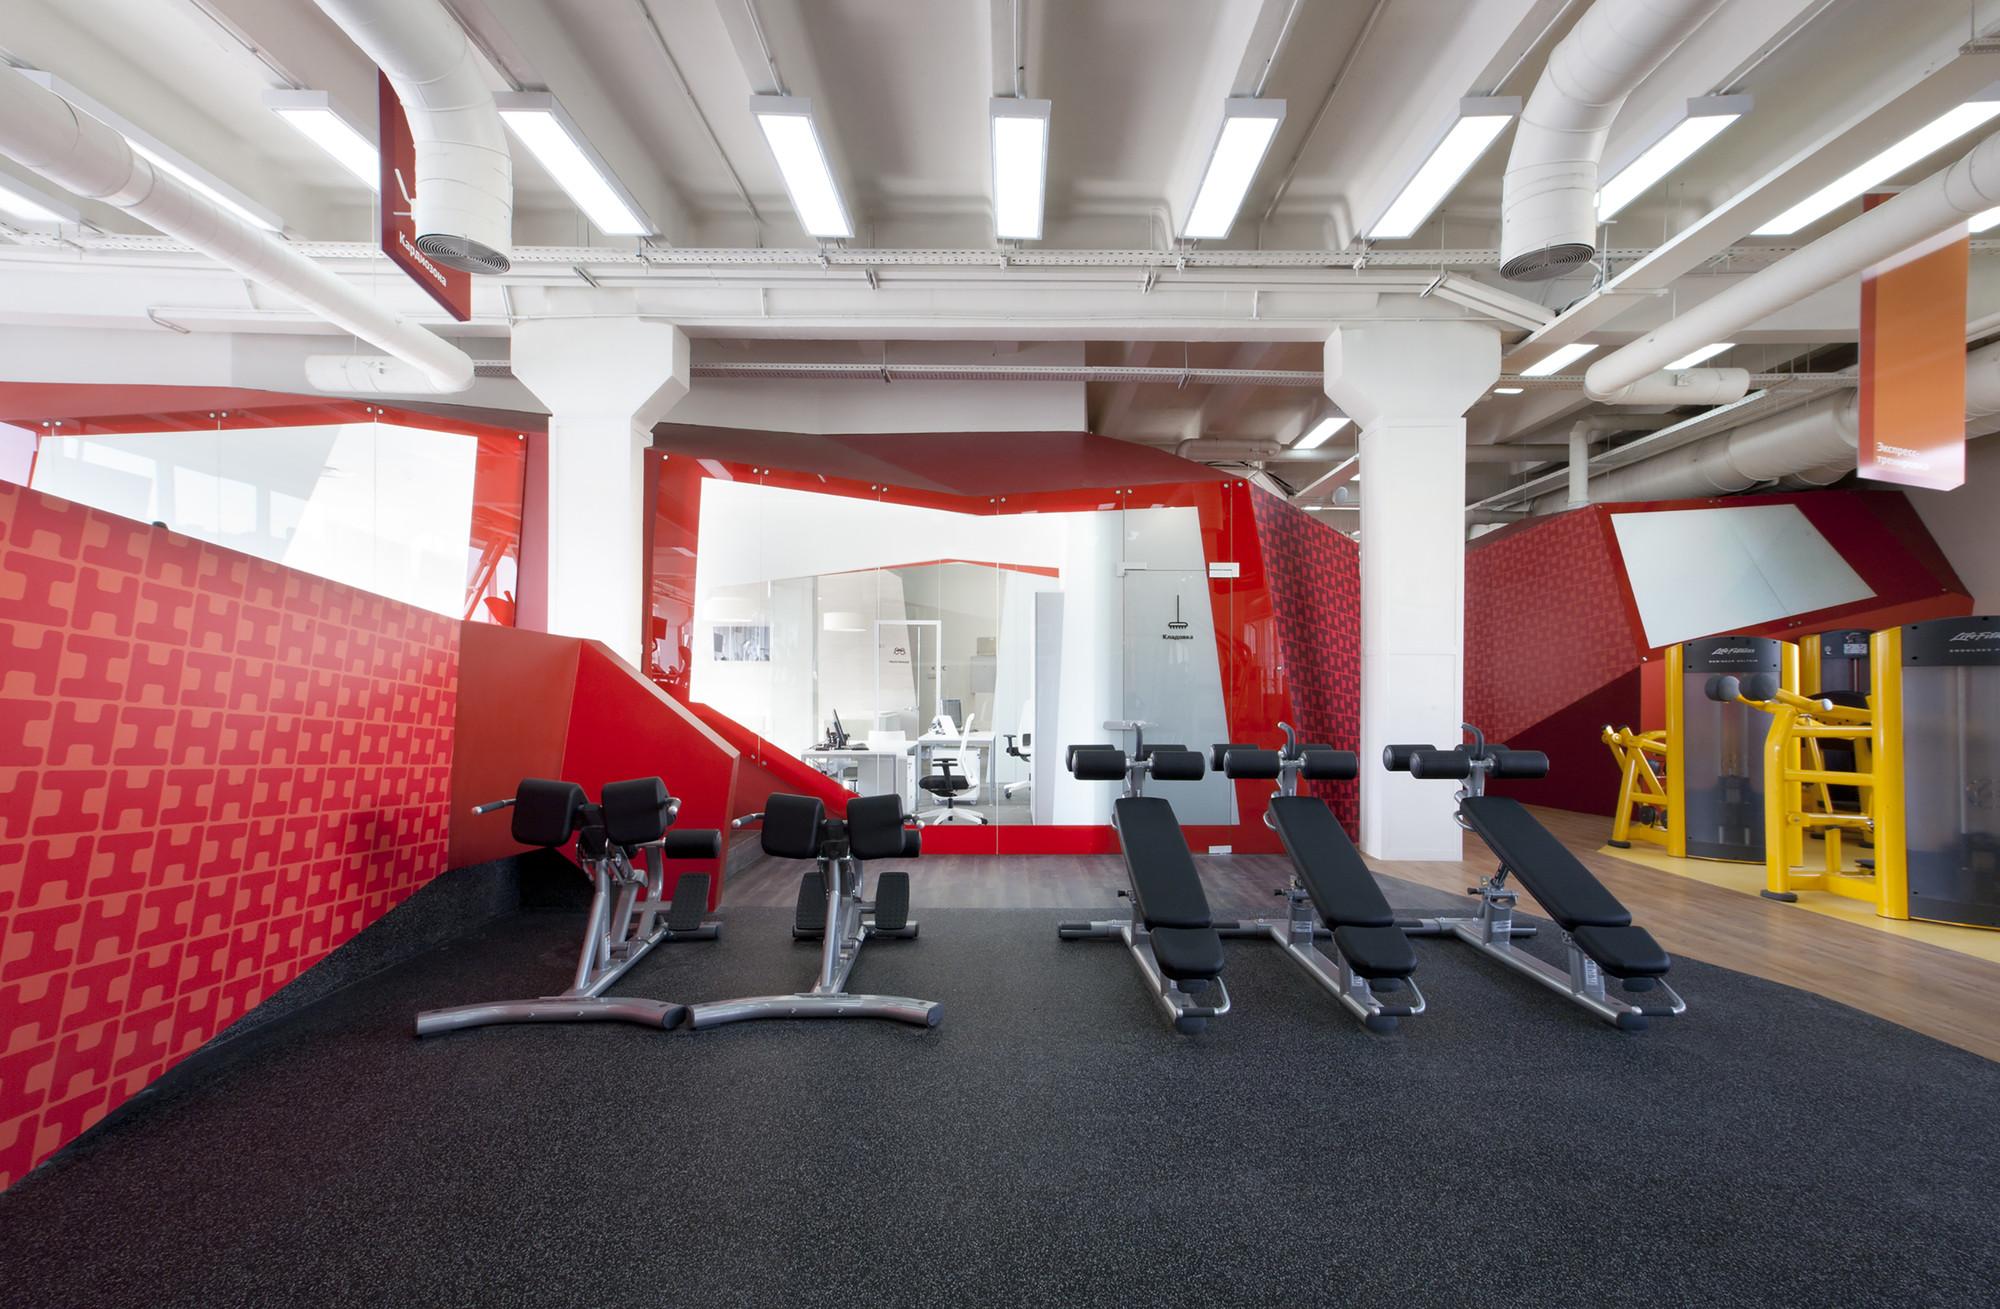 Дизайн фитнес-клуба с красным акцентом